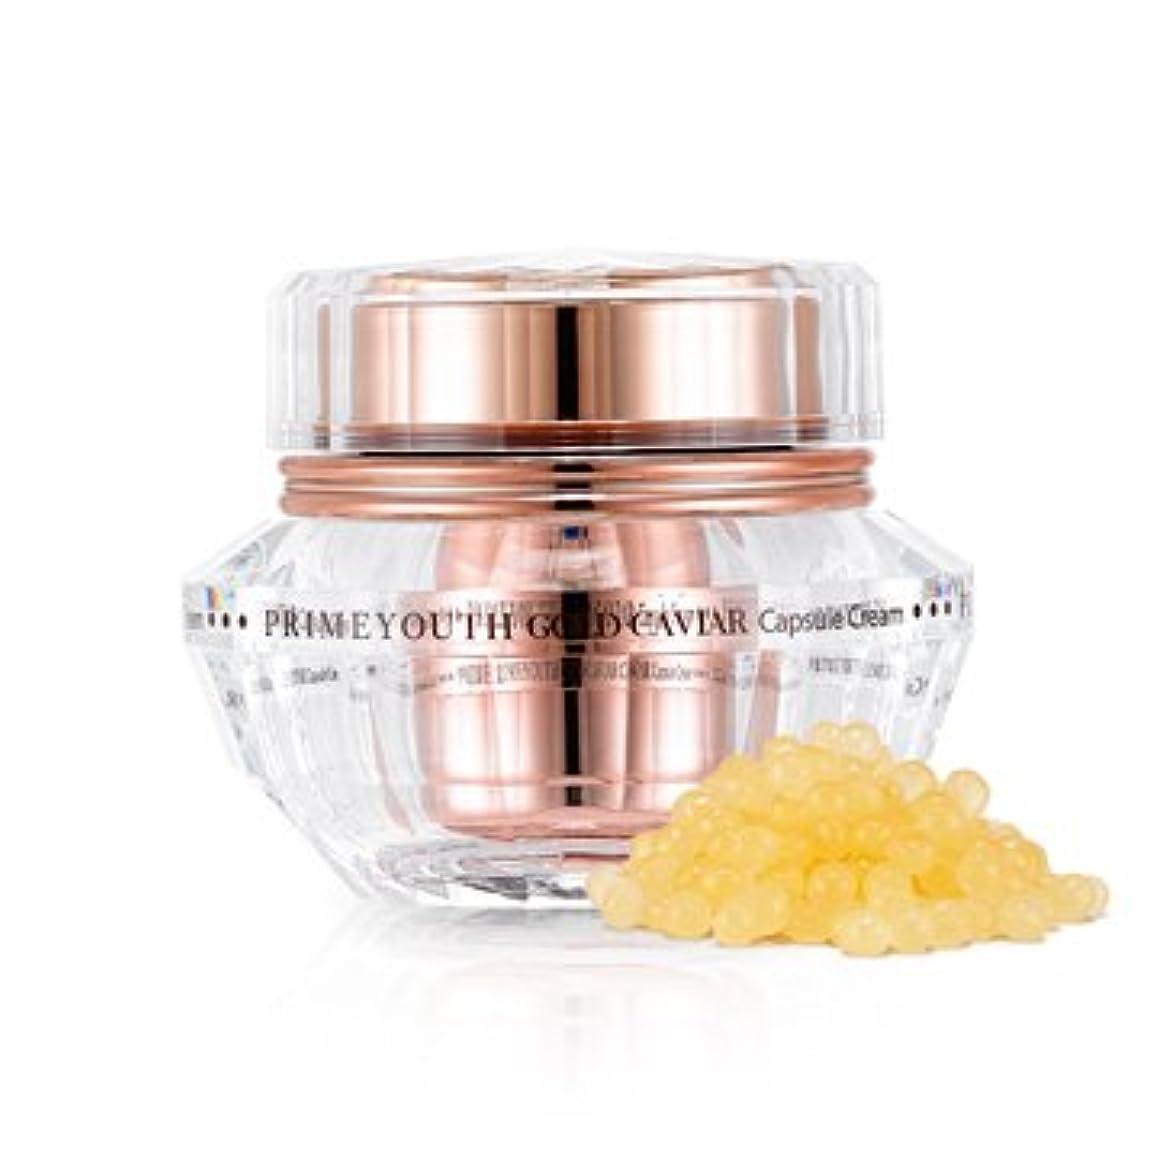 晩ごはん王位戸惑う[New] Holika Holika Prime Youth Gold Caviar Capsule Cream 50g/ホリカホリカ プライム ユース ゴールド キャビア カプセル クリーム 50g